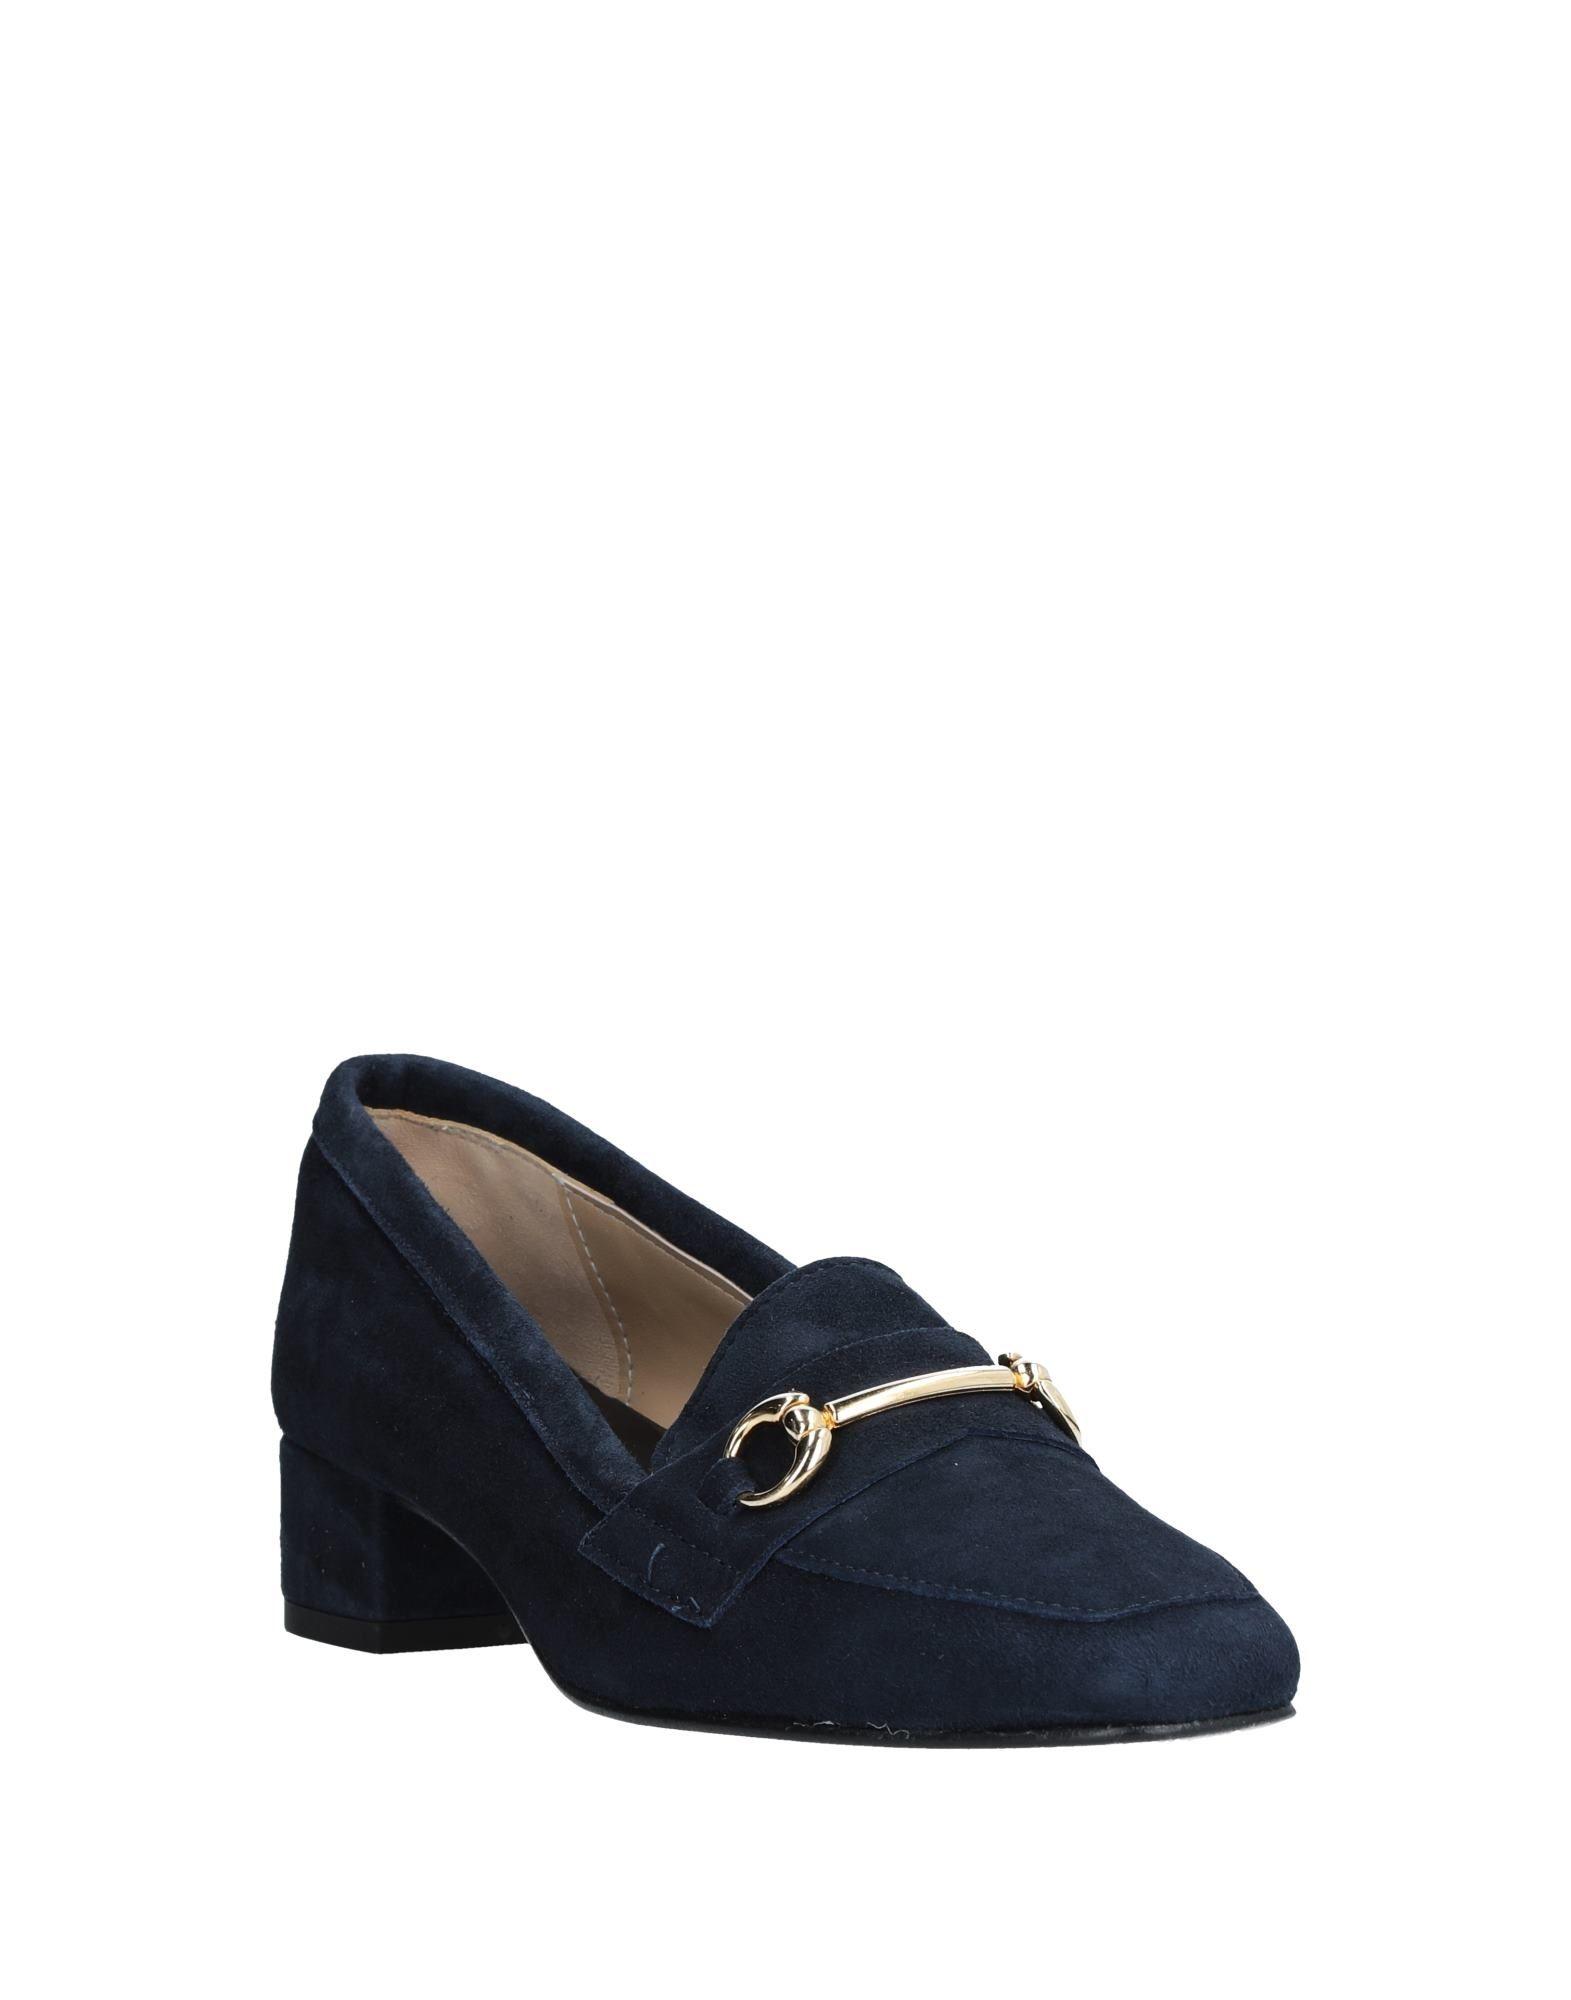 Gut um Mokassins billige Schuhe zu tragenGriff Italia Mokassins um Damen  11542188MA 2ea585